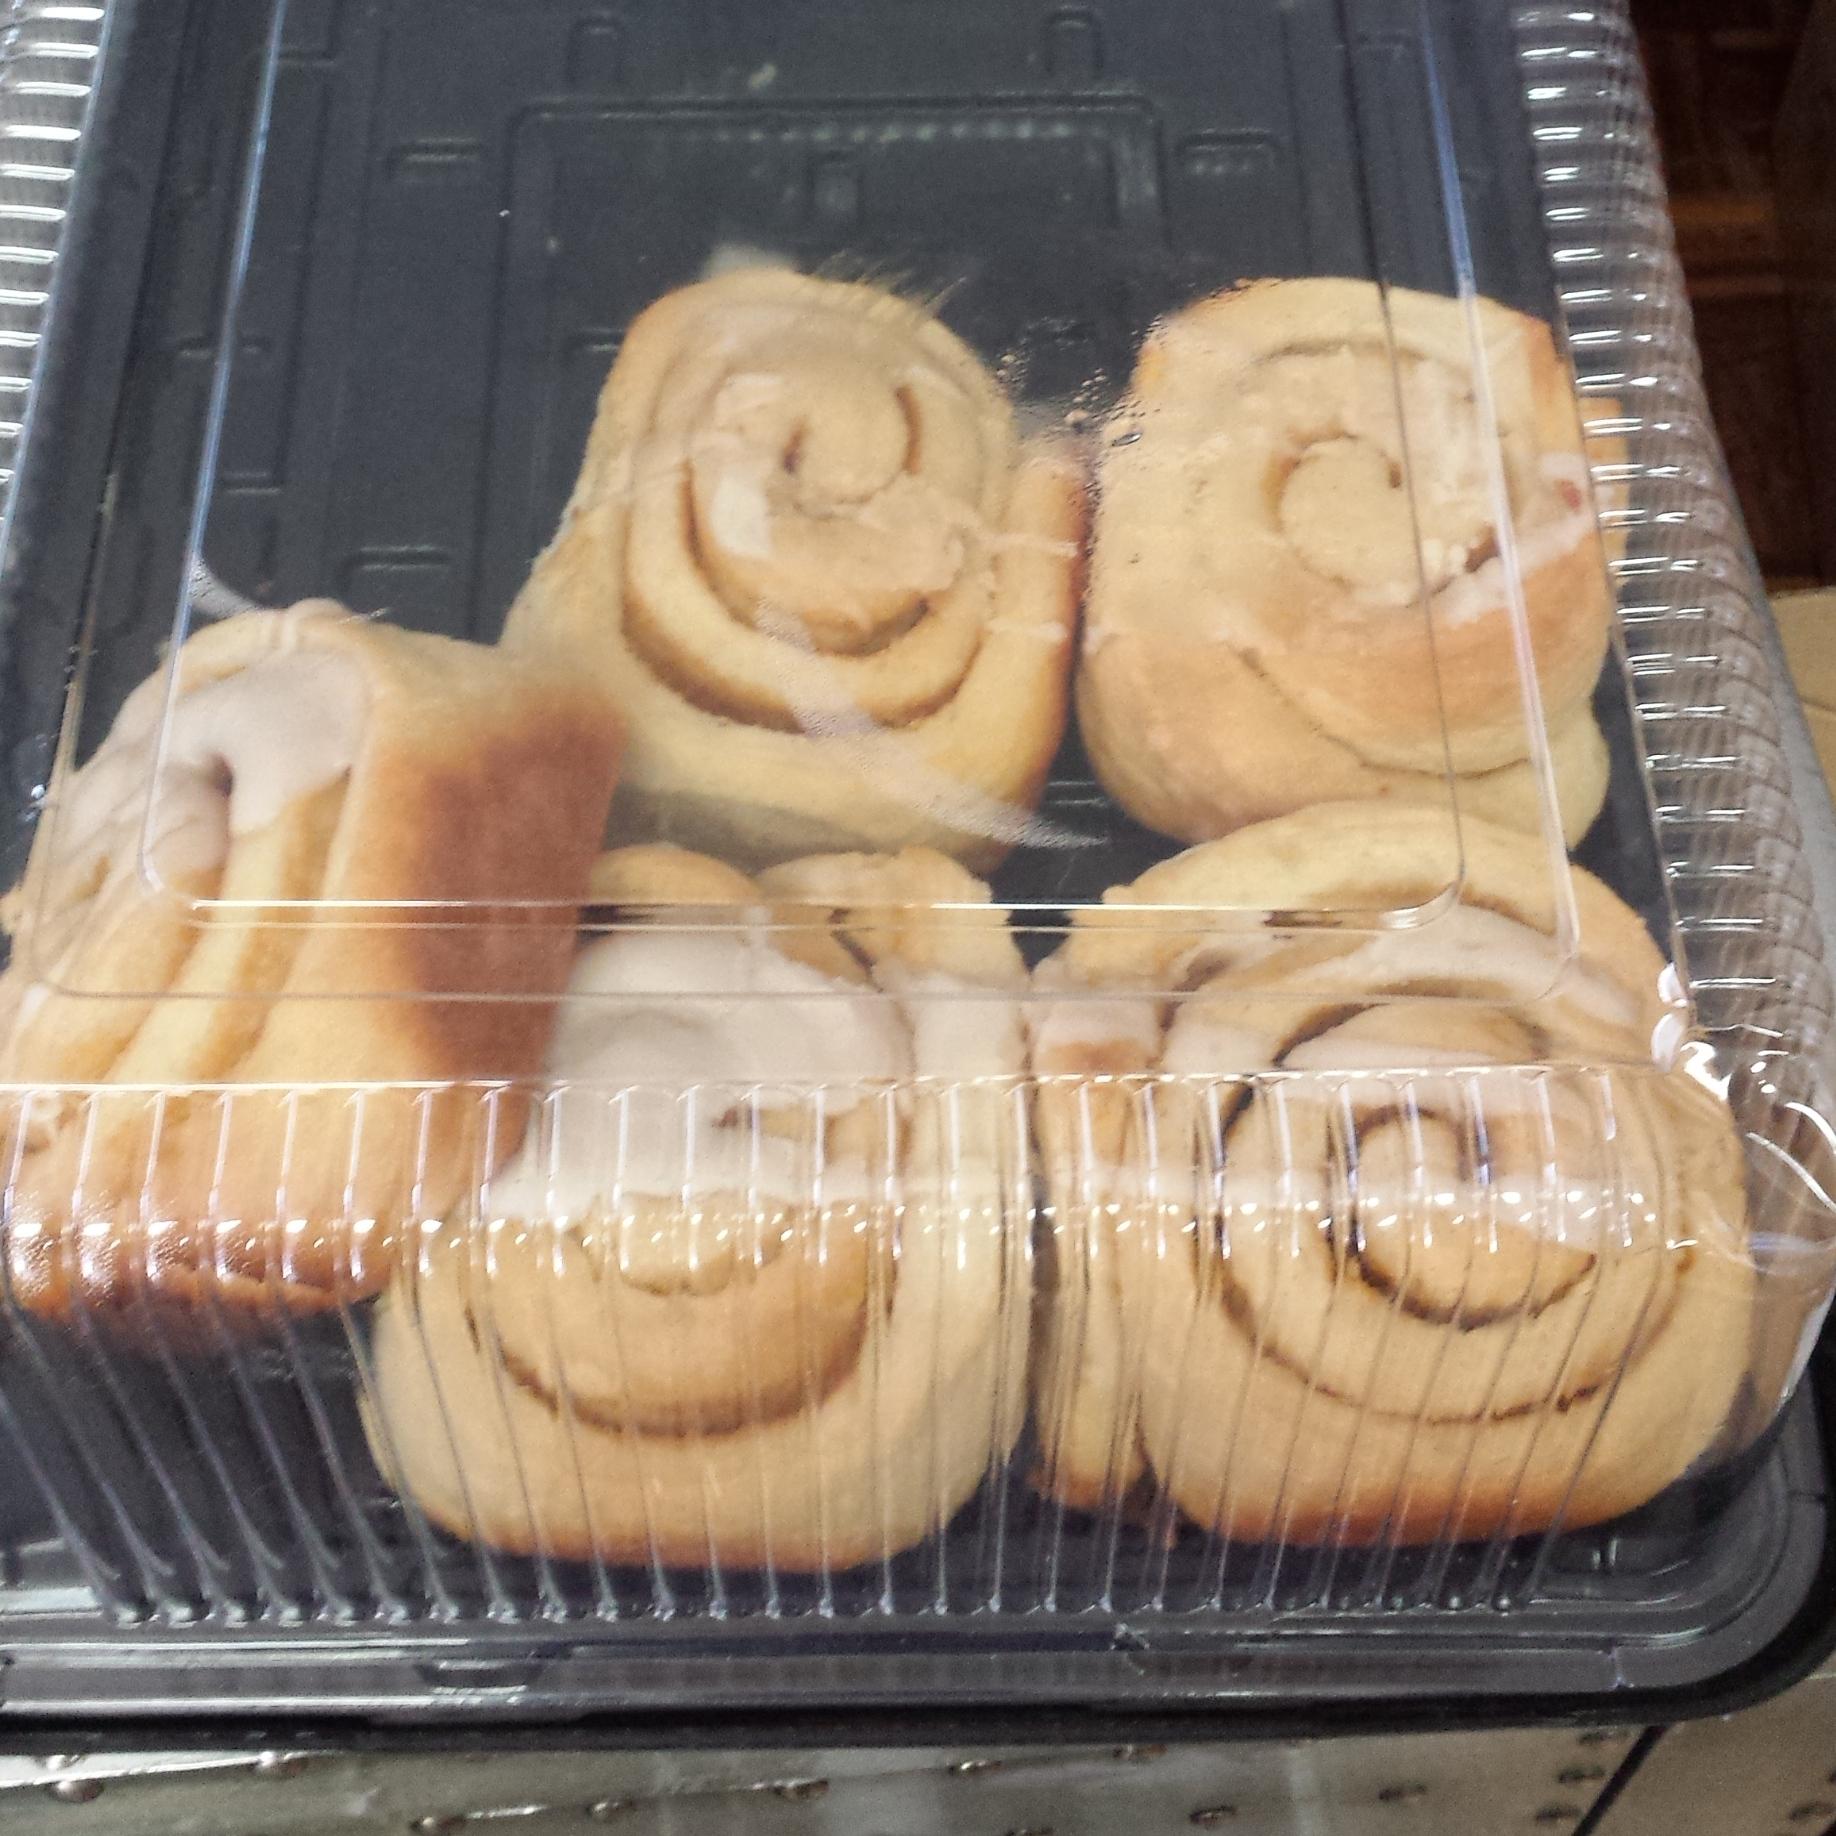 https://i0.wp.com/fatgayvegan.com/wp-content/uploads/2015/02/Pastries.jpg?fit=1836%2C1836